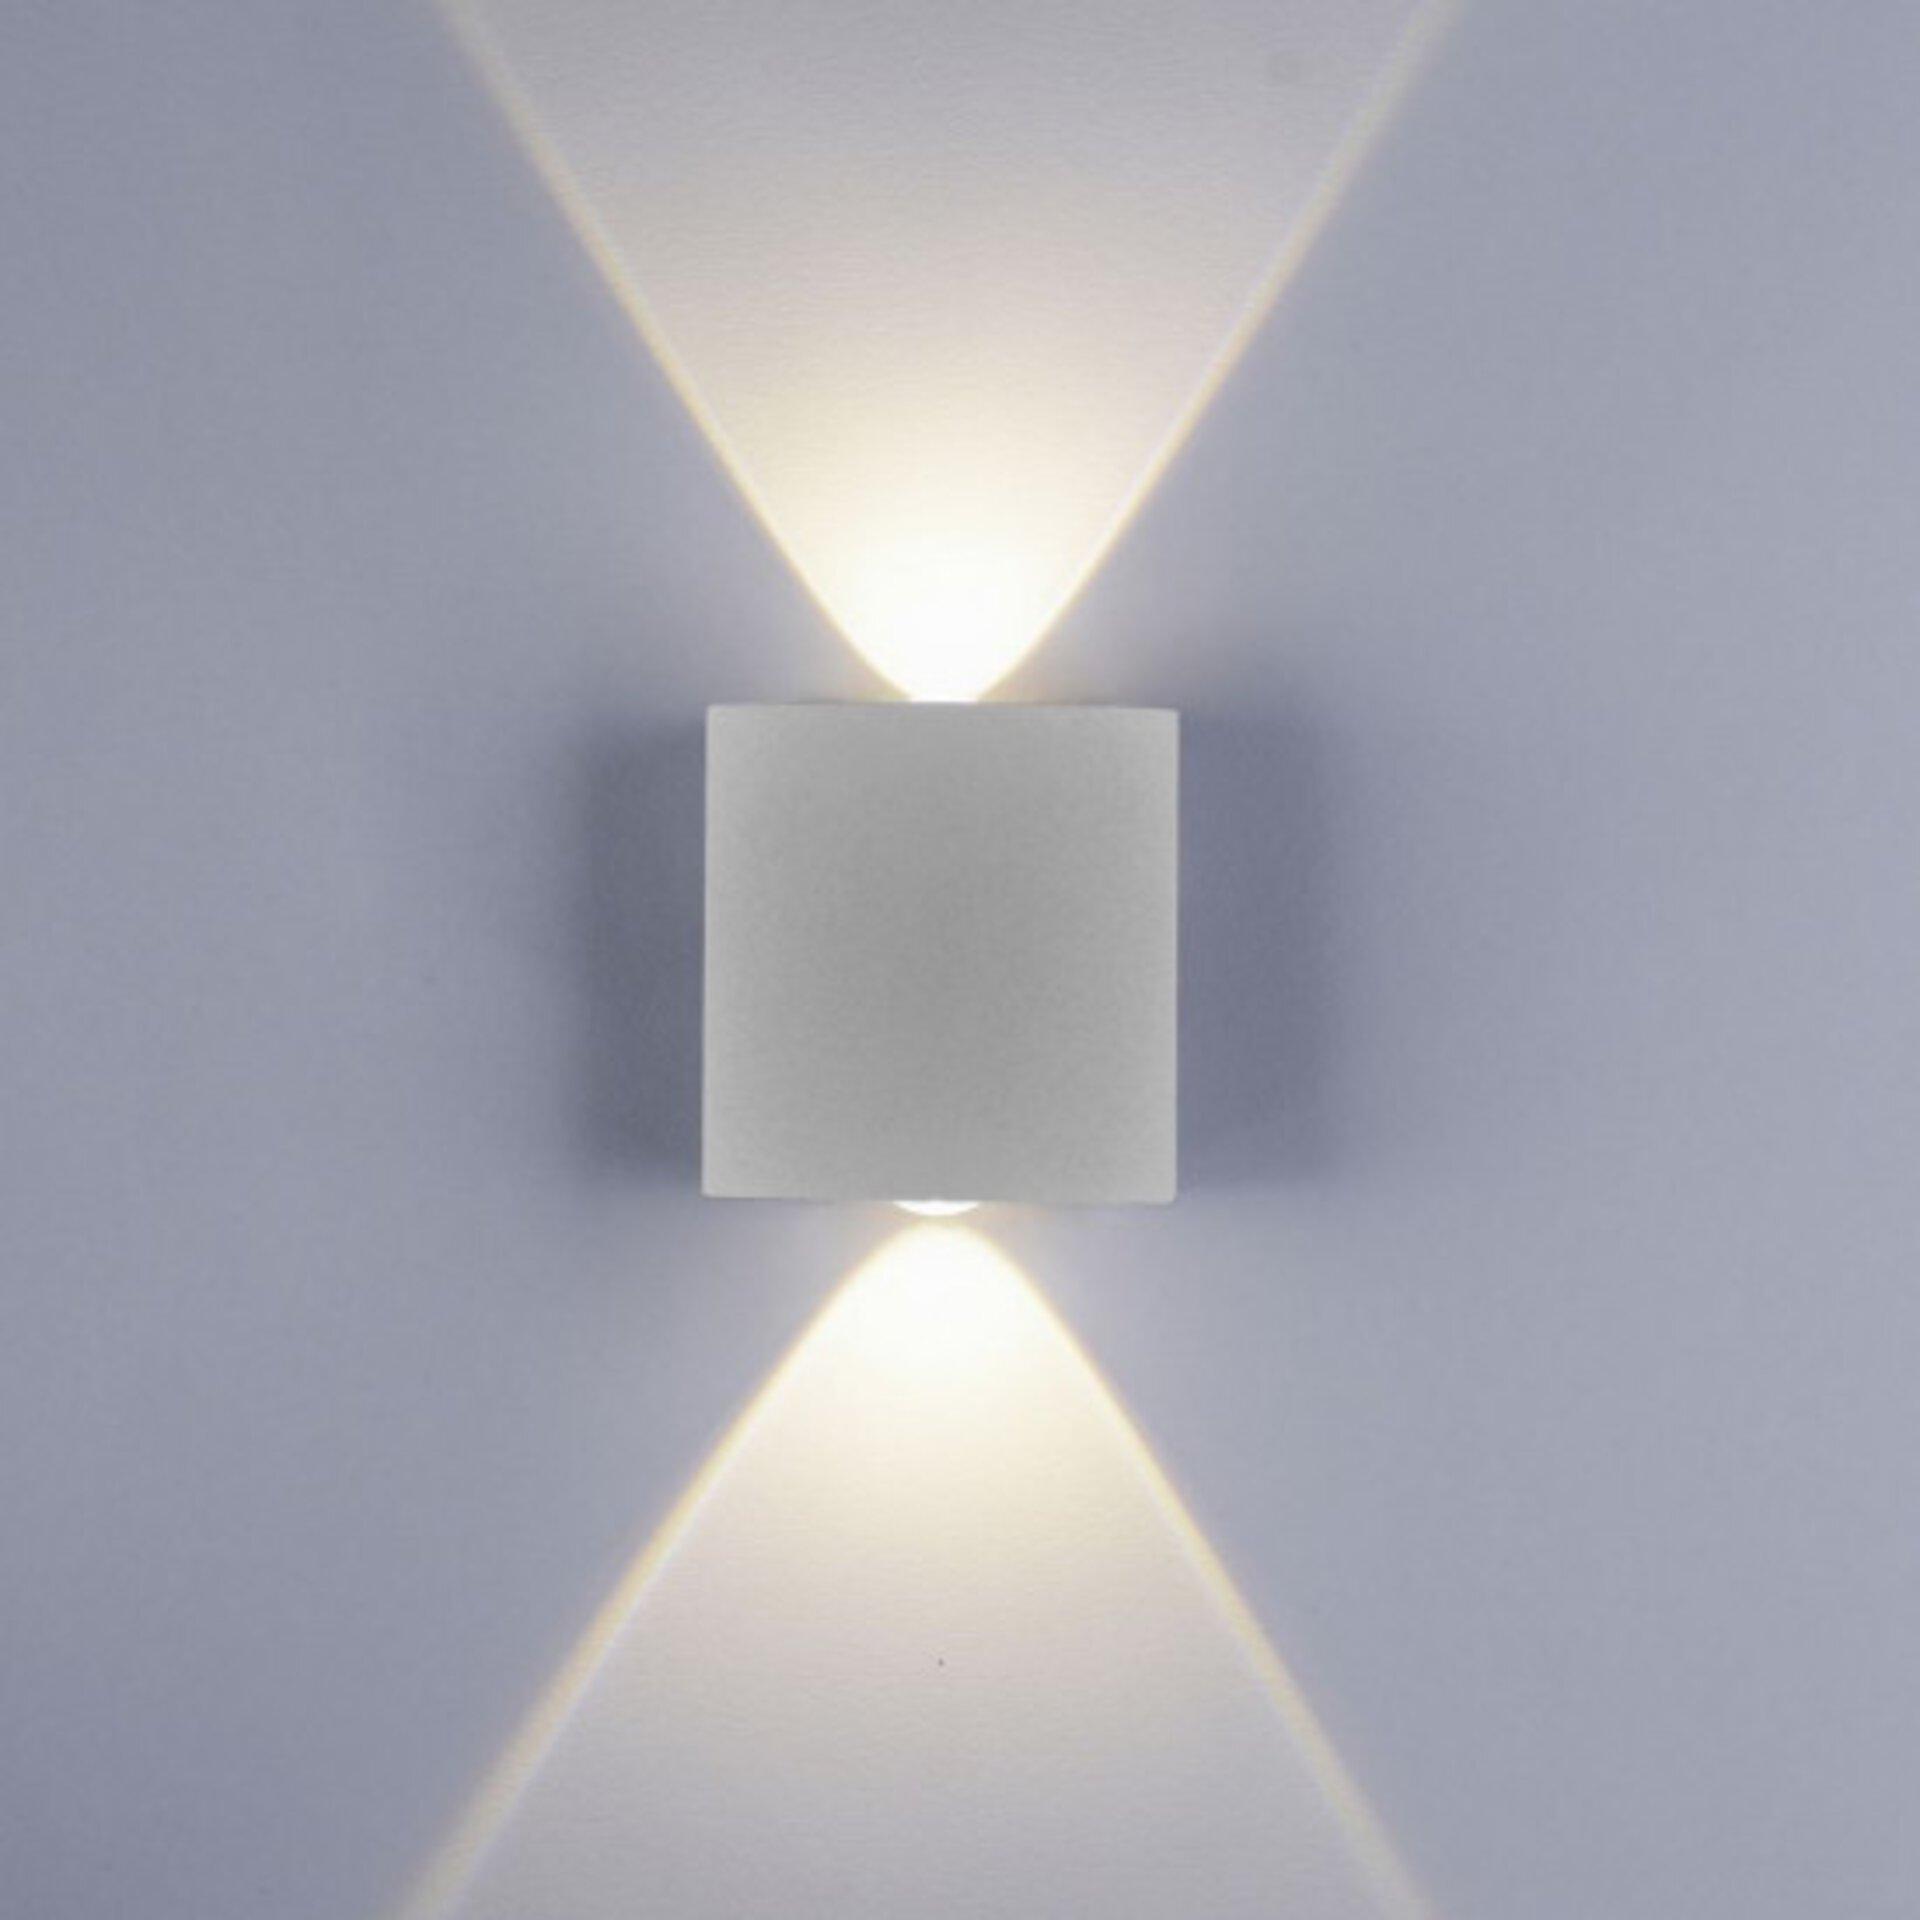 Wandleuchte CARLO Paul Neuhaus Metall silber 3 x 8 x 8 cm